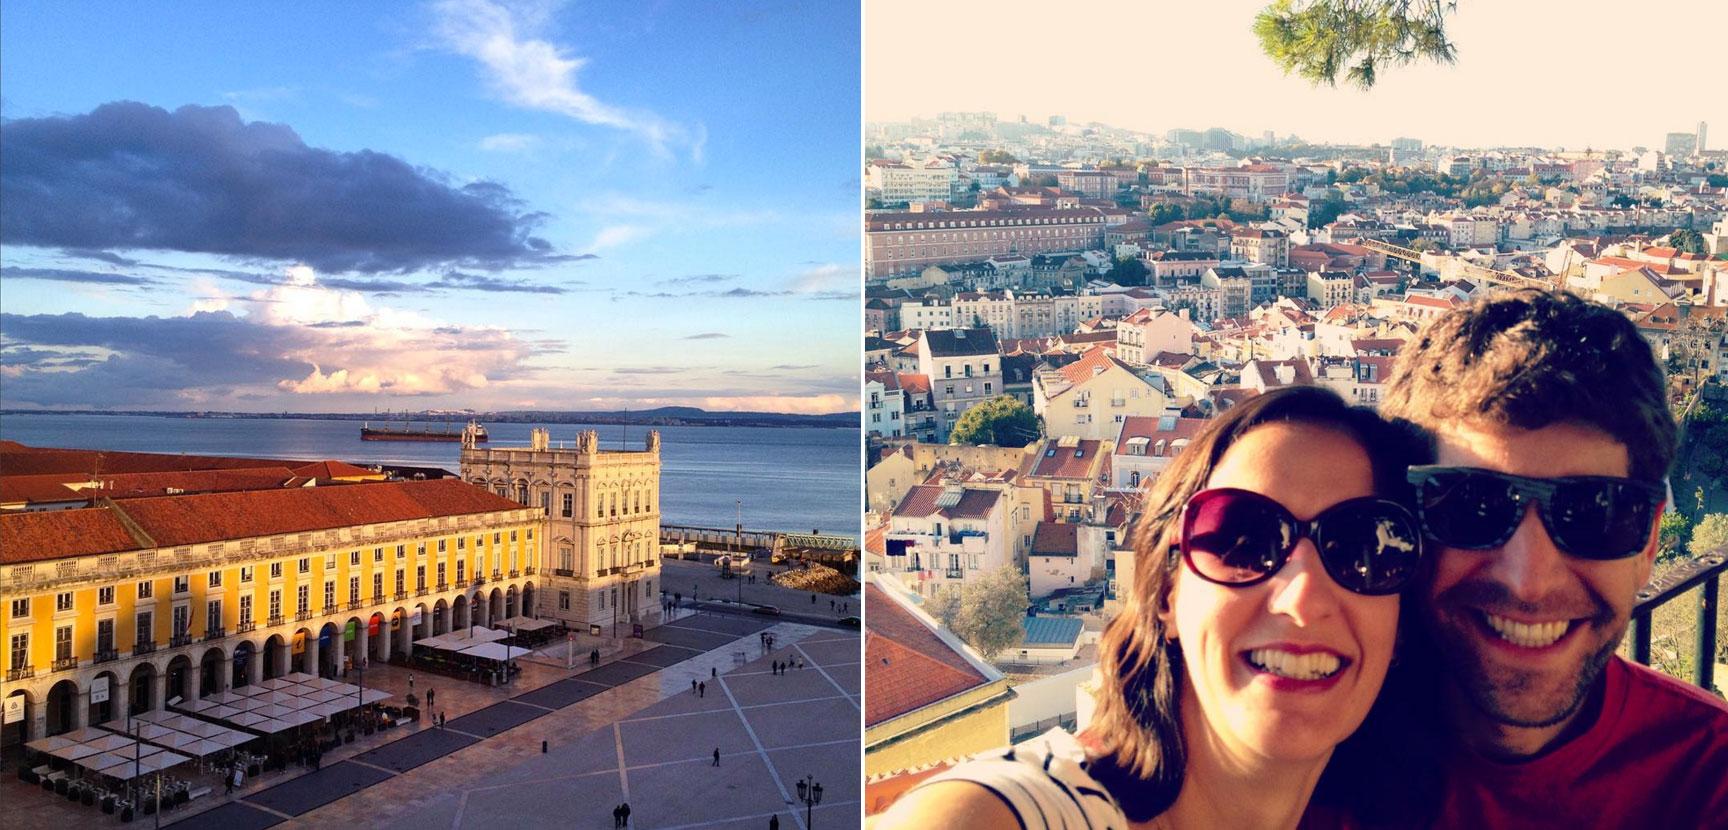 Mudar de país é ver muita coisa nova e se encantar a cada esquina. A Praça do Comércio e a vista do Castelo de São Jorge, em Lisboa